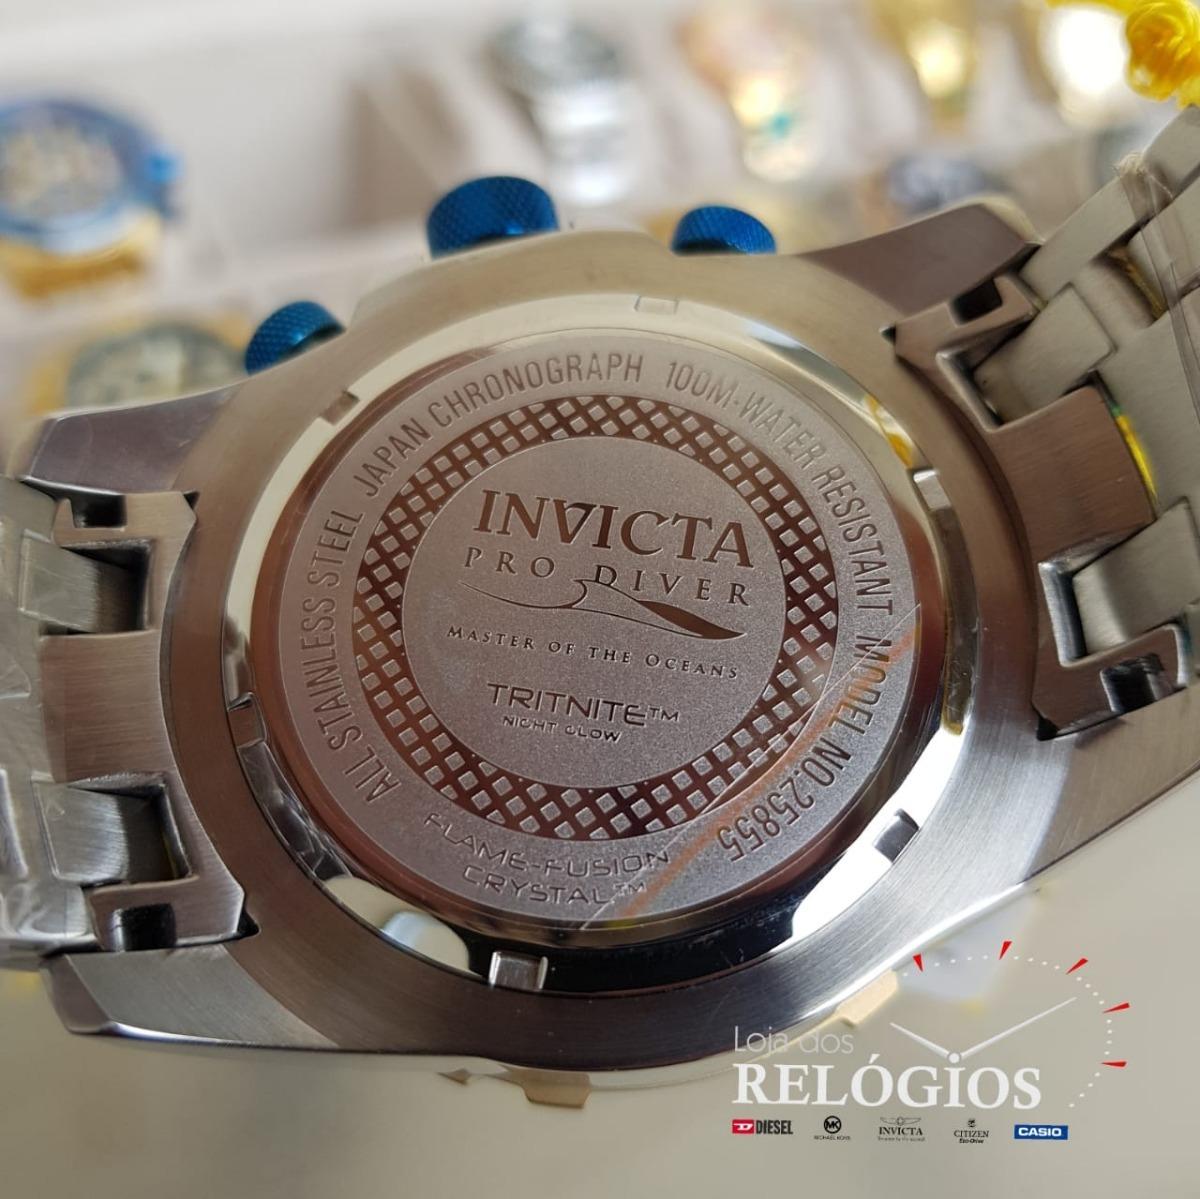 b1ce78480e relógio invicta pro diver 25855 original prata dourado azul. Carregando  zoom.